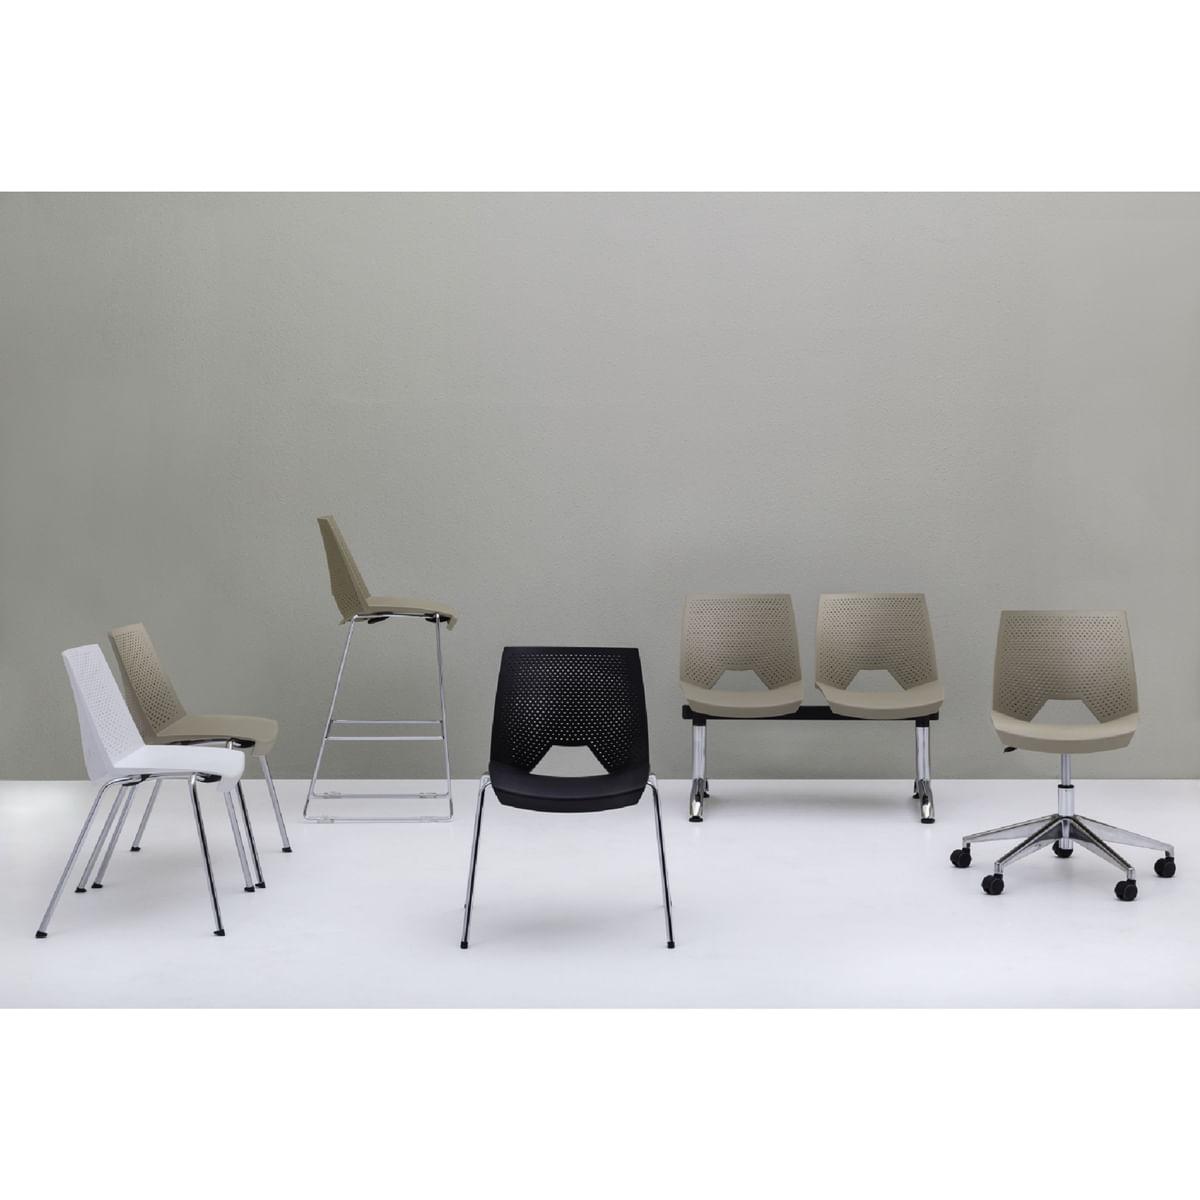 Kit 5 Cadeiras Strike Assento Bege Base Rodizio Preta - 57637